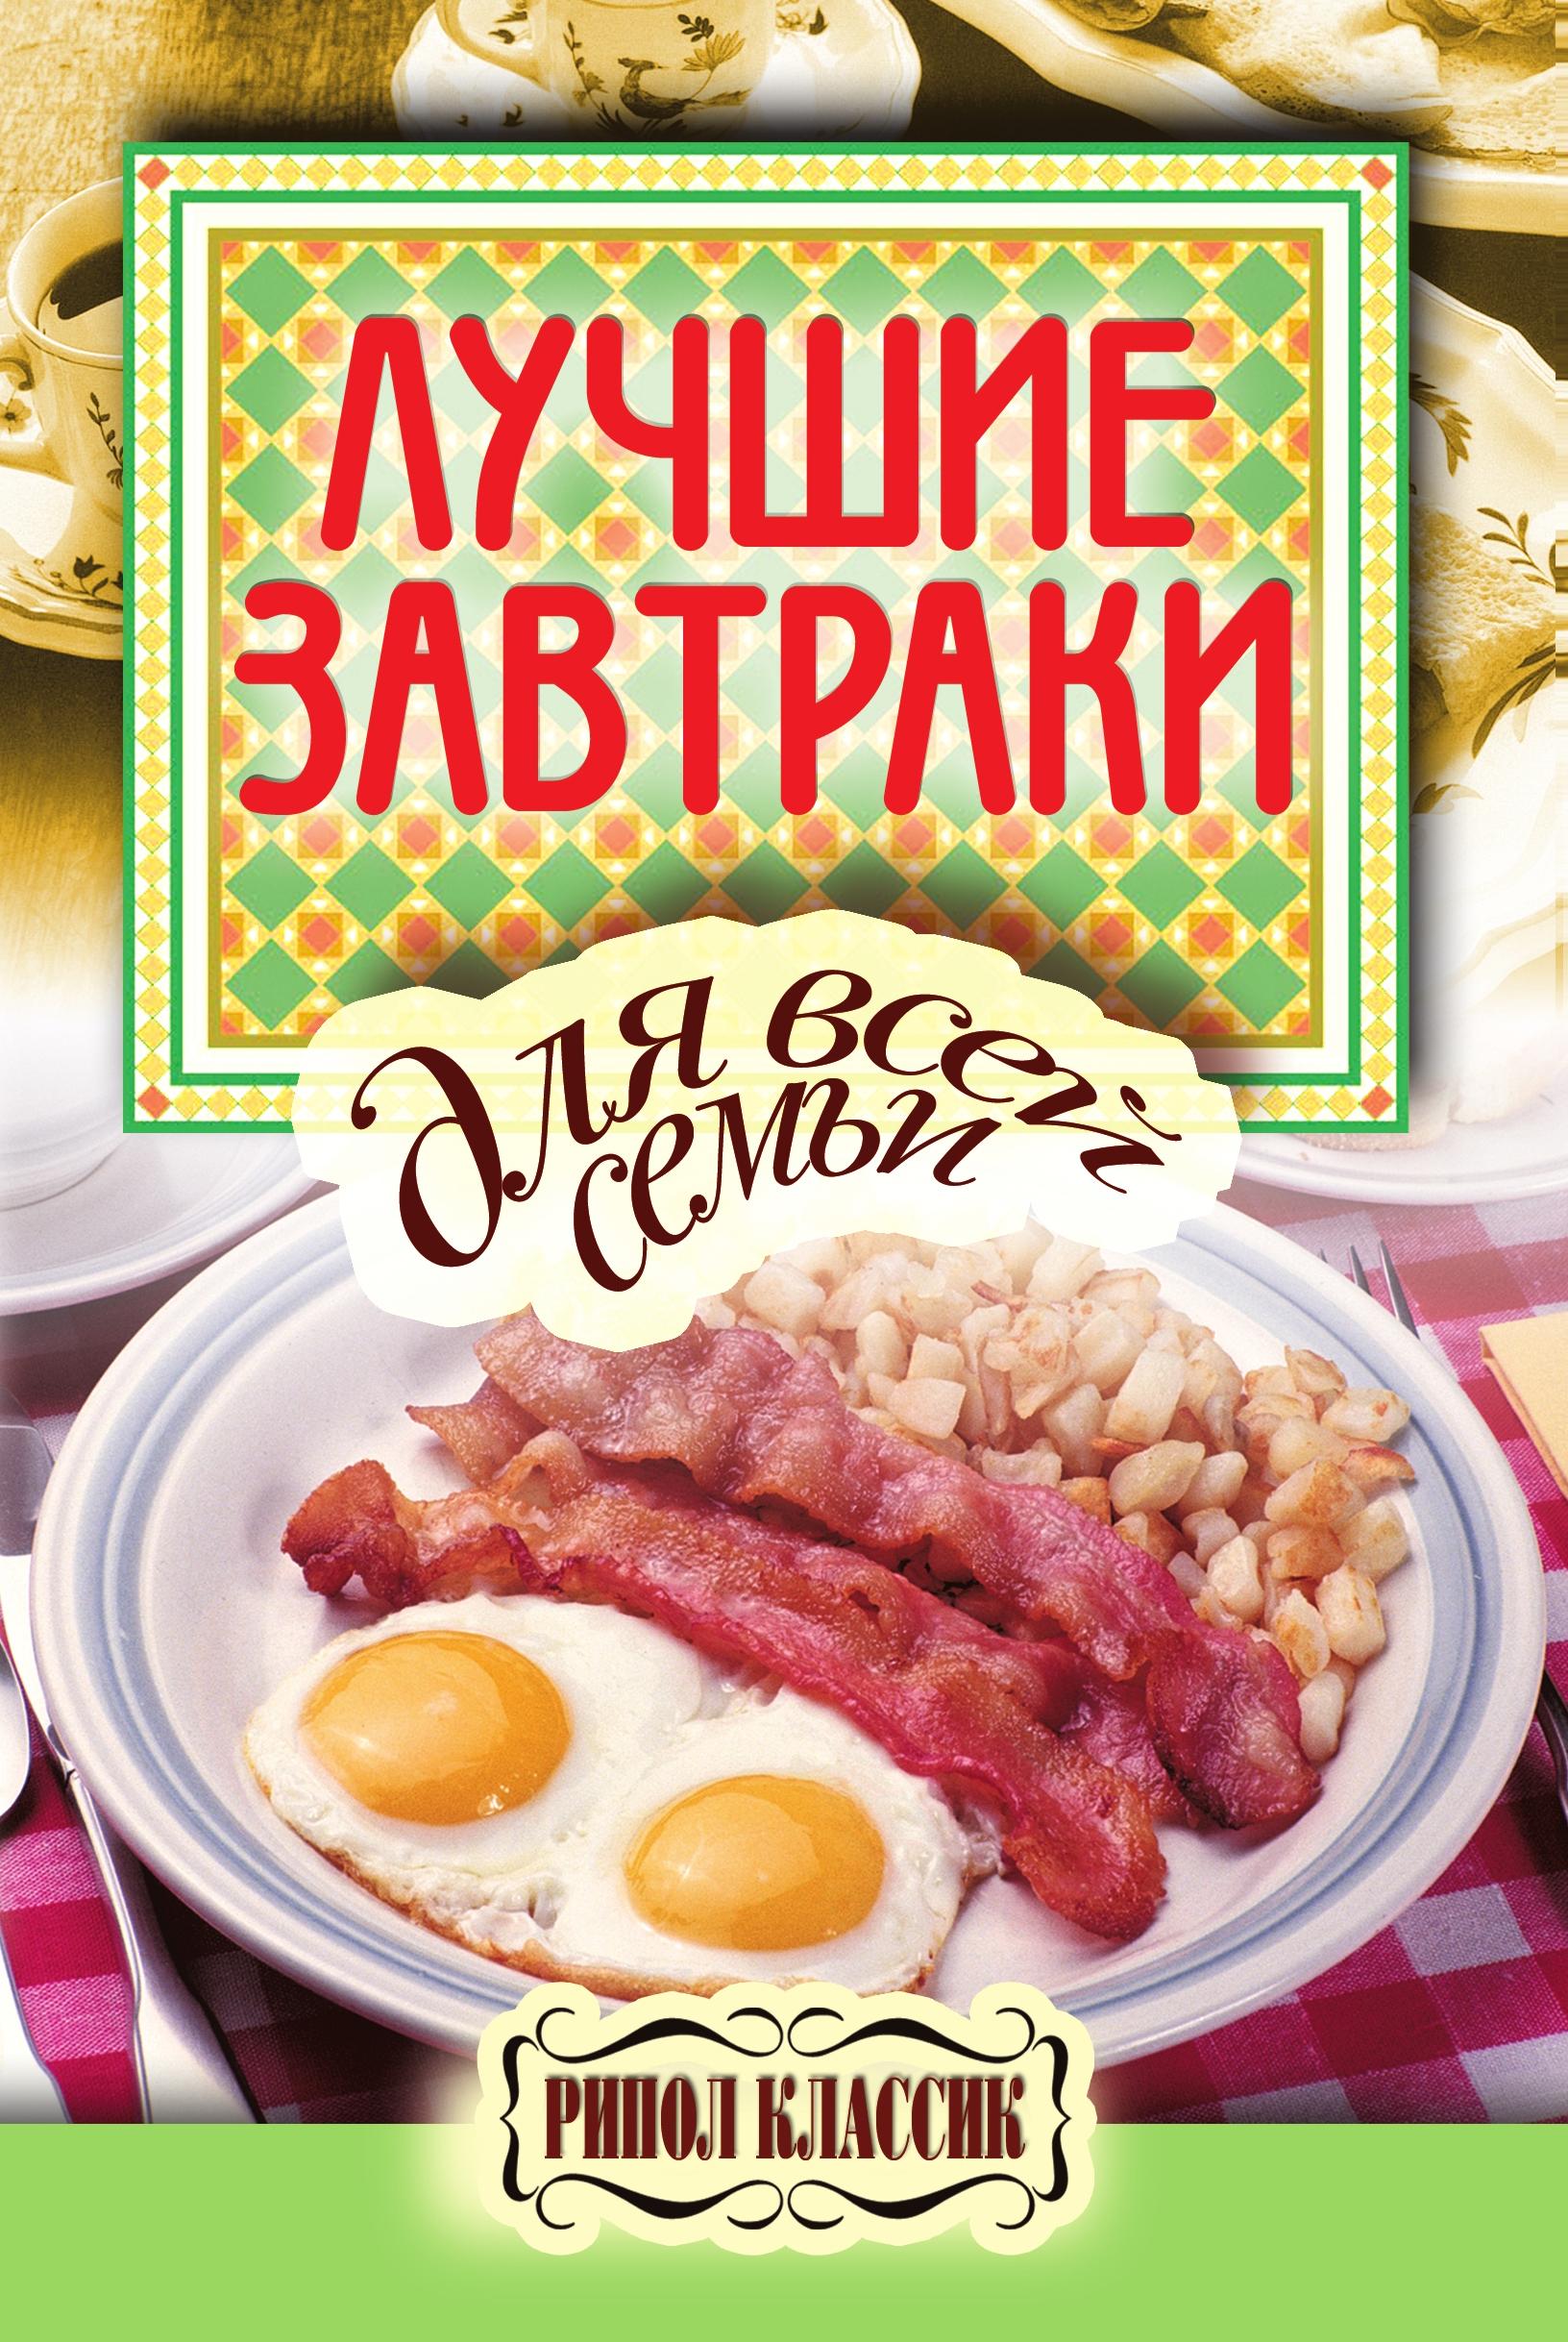 цена на Отсутствует Лучшие завтраки для всей семьи